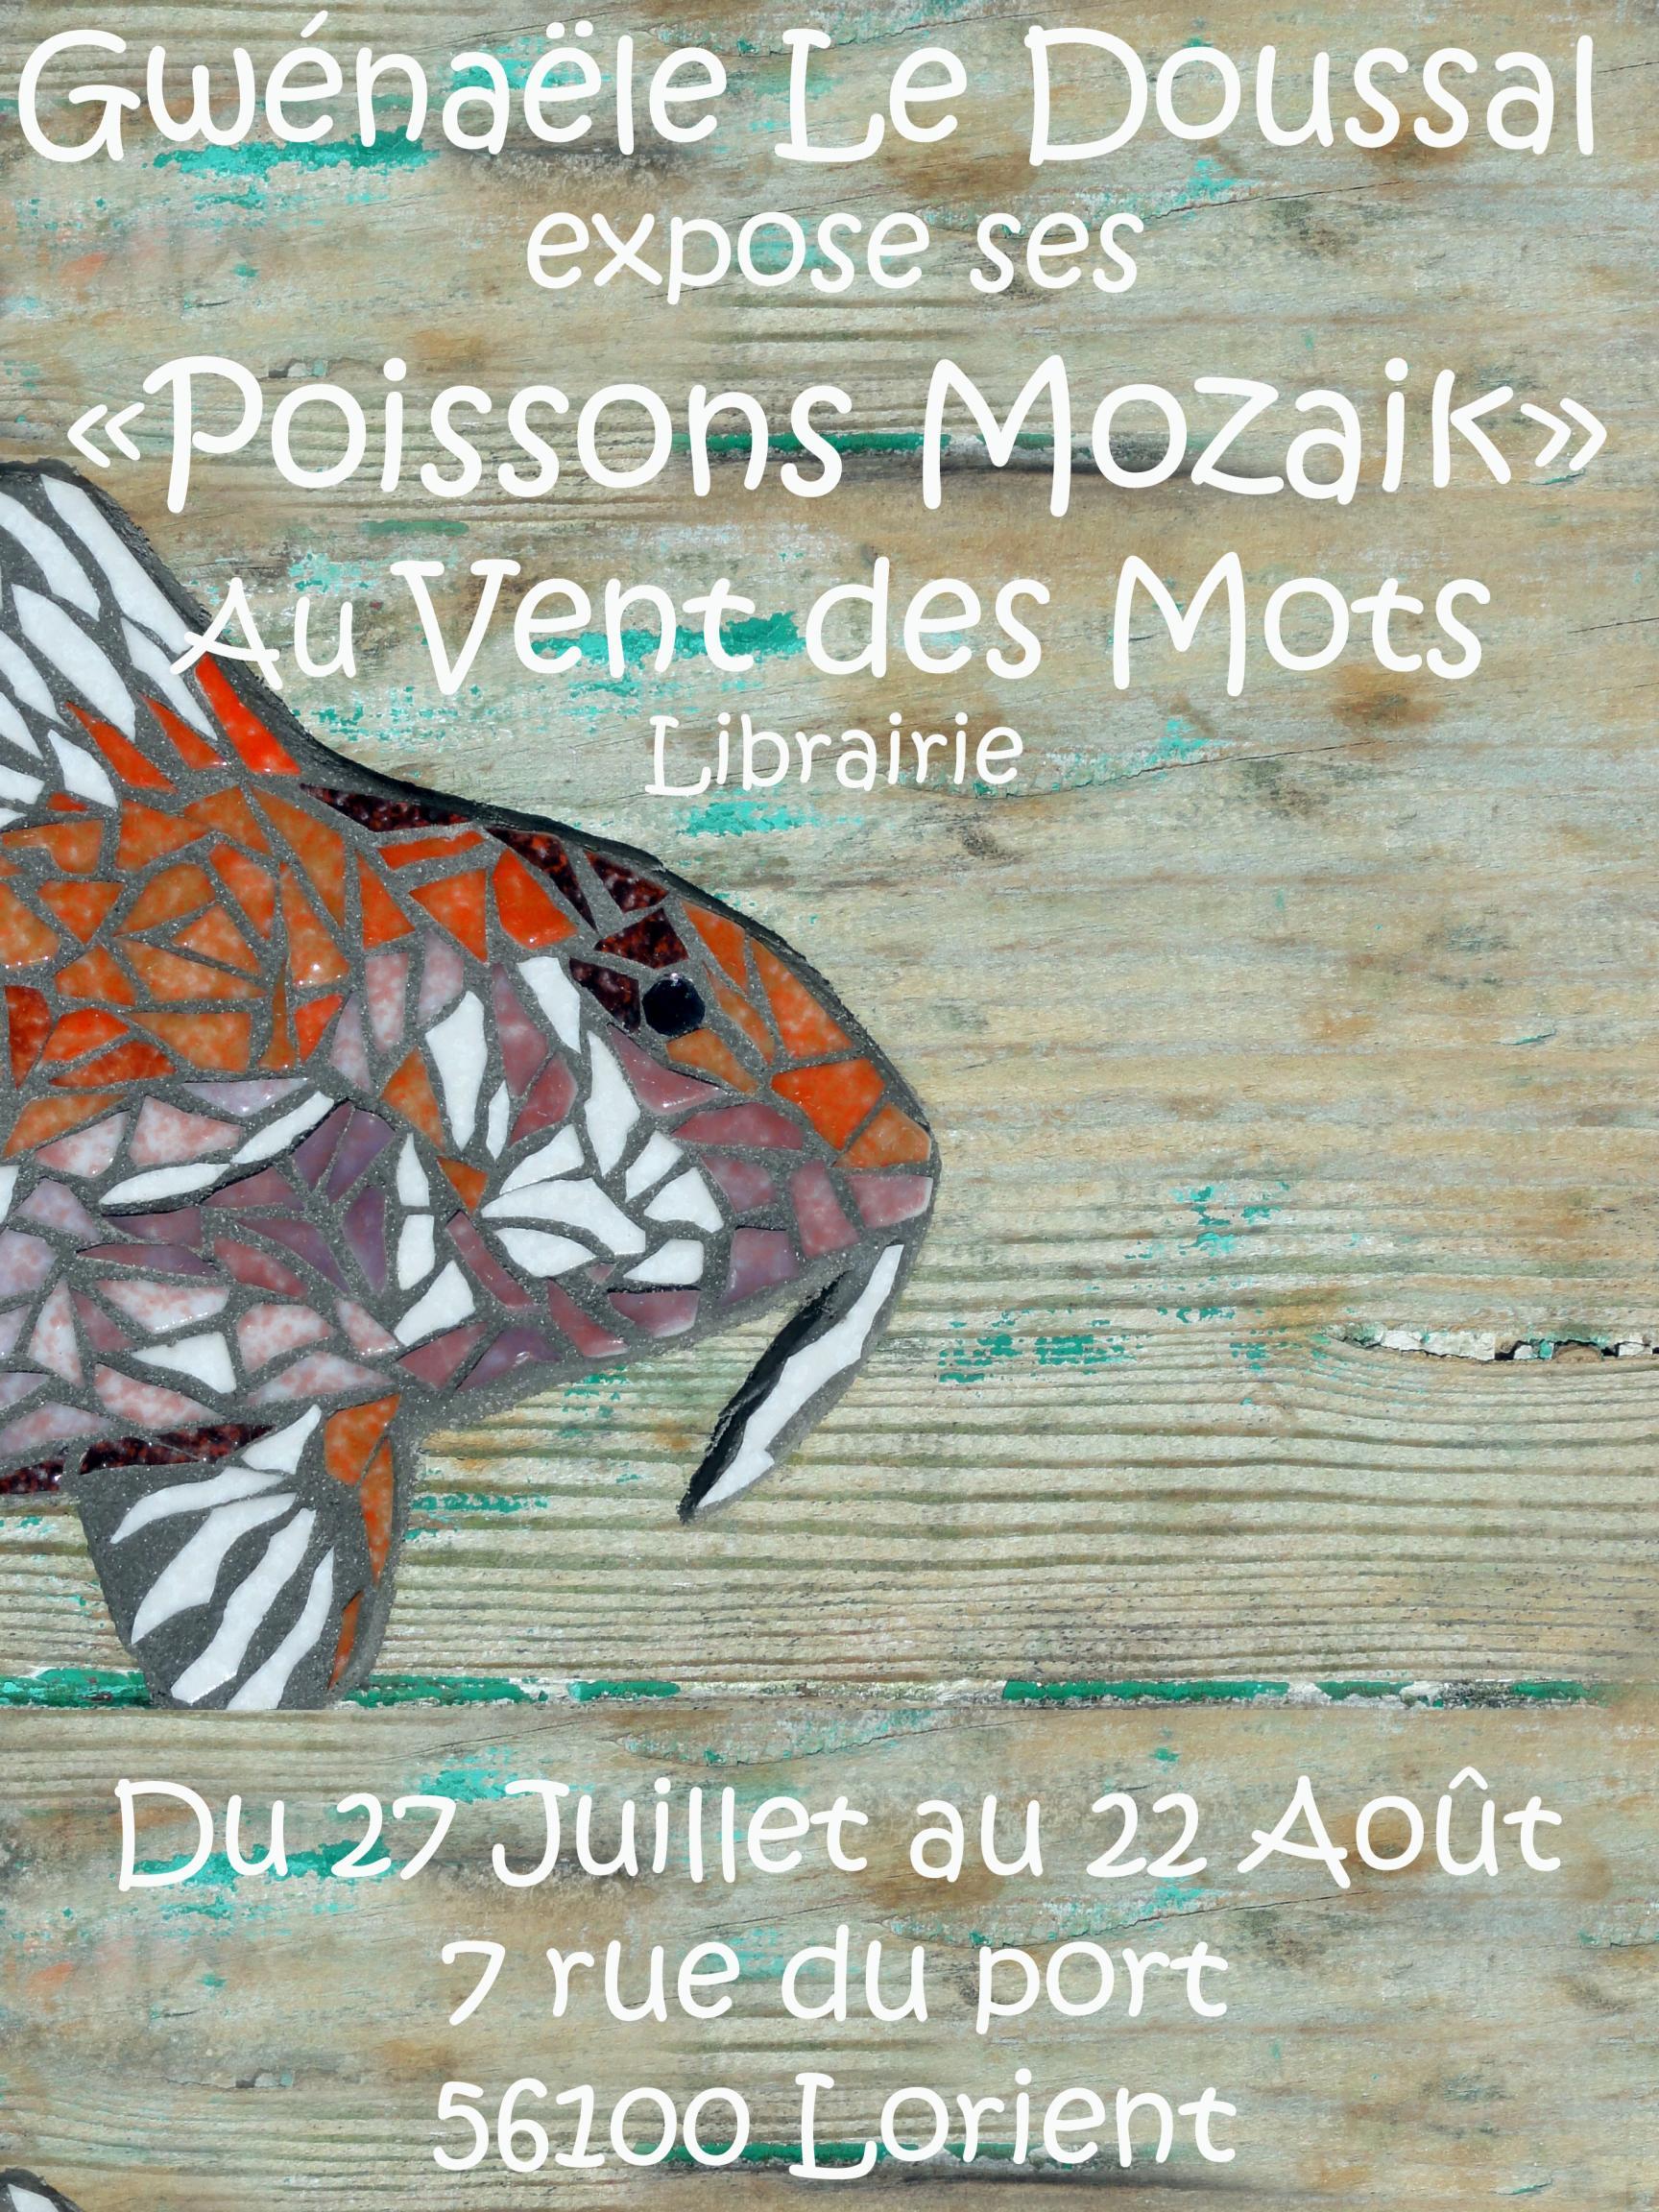 Actualité de gwenaele le doussal passionmozaik Exposition Mosaïque